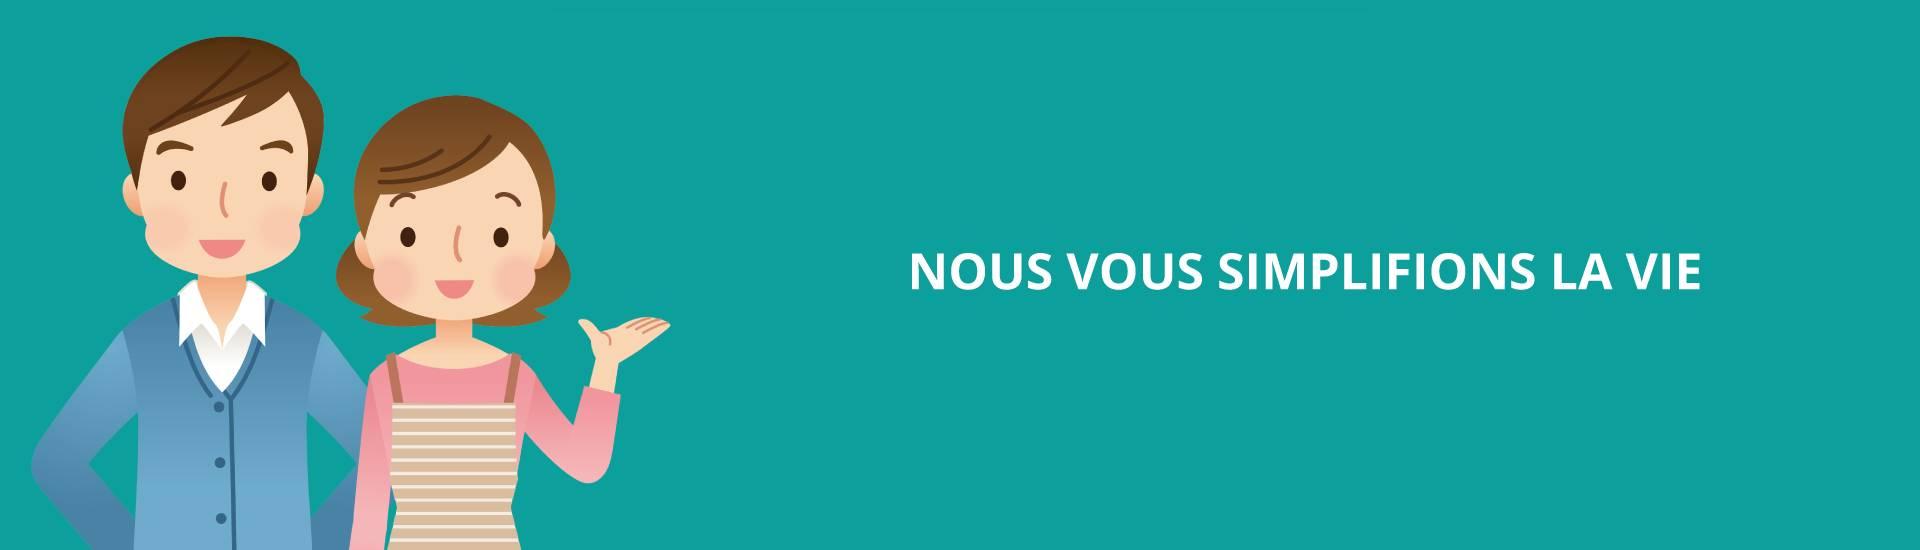 Aide et Accompagnement à domicile  ADMR de la Gironde